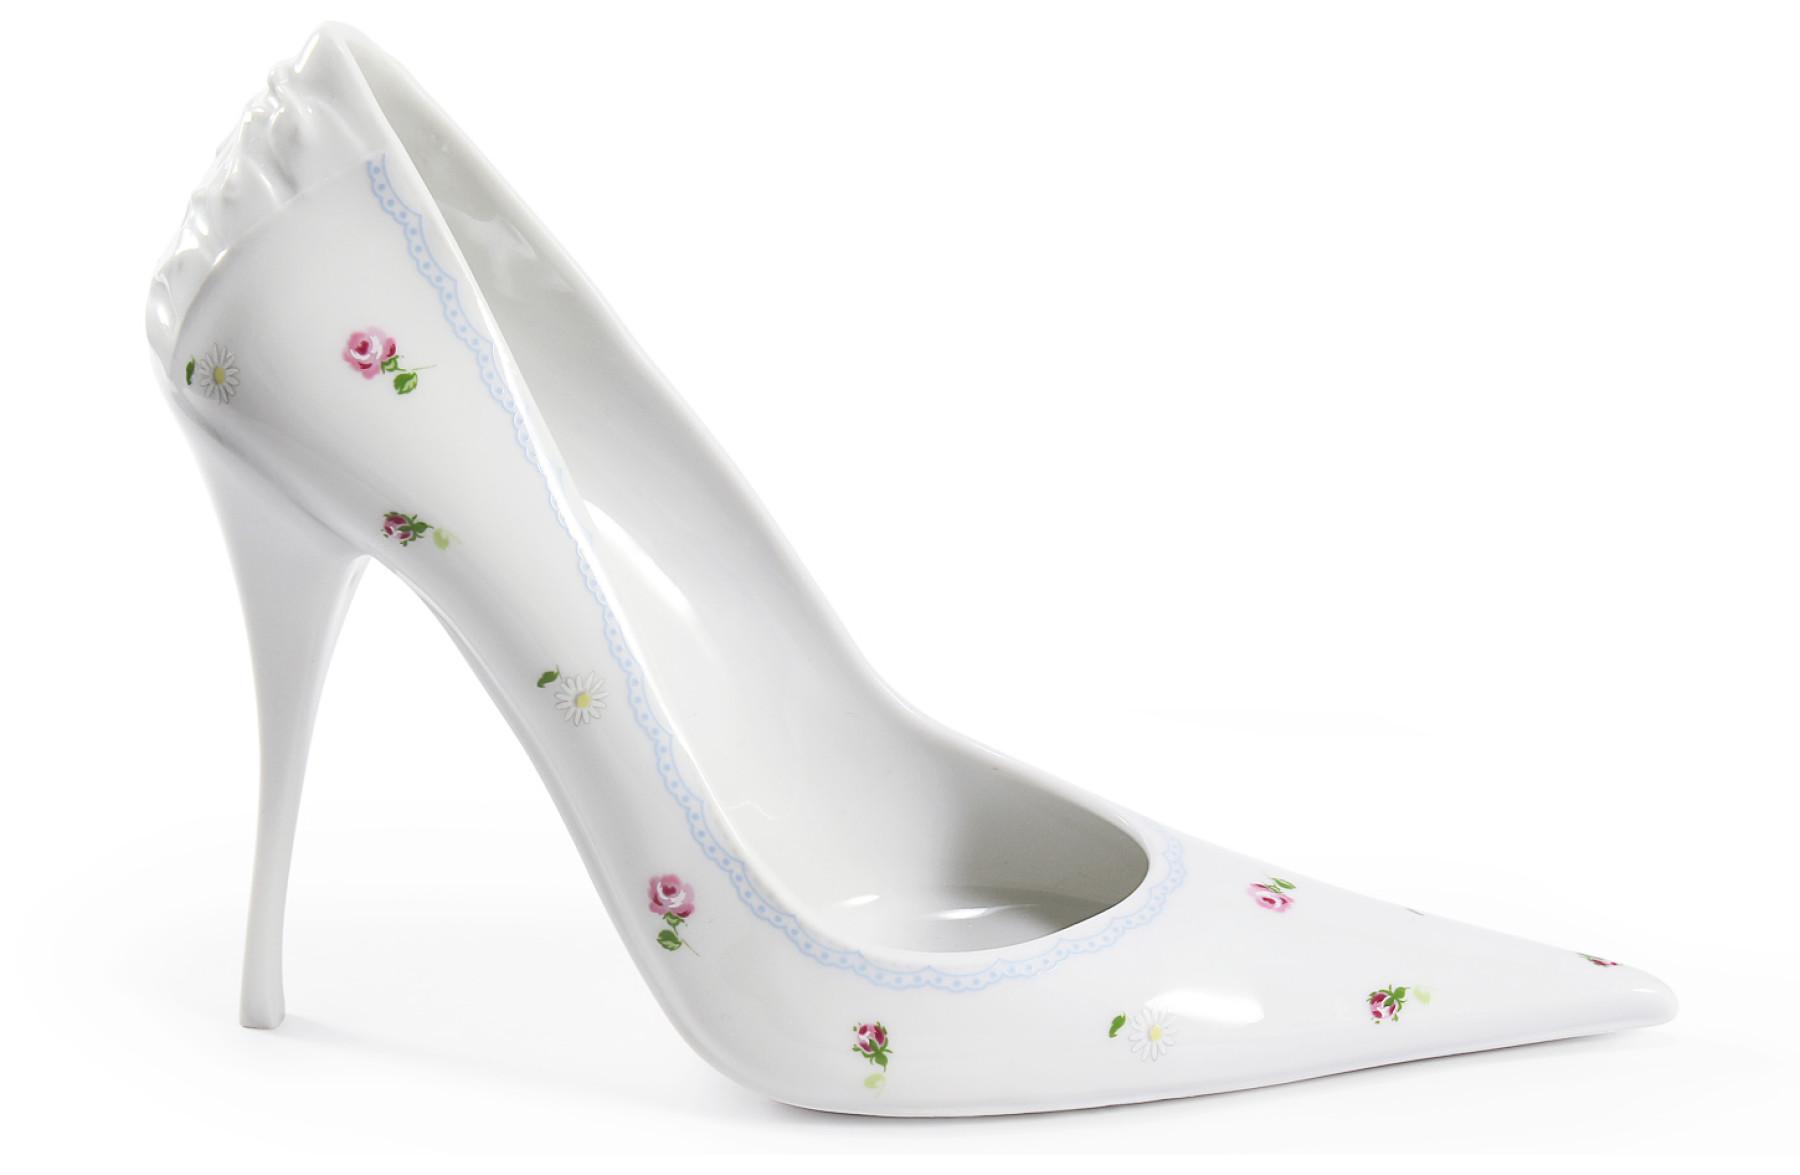 Frauen Schuhe rechter Roseline